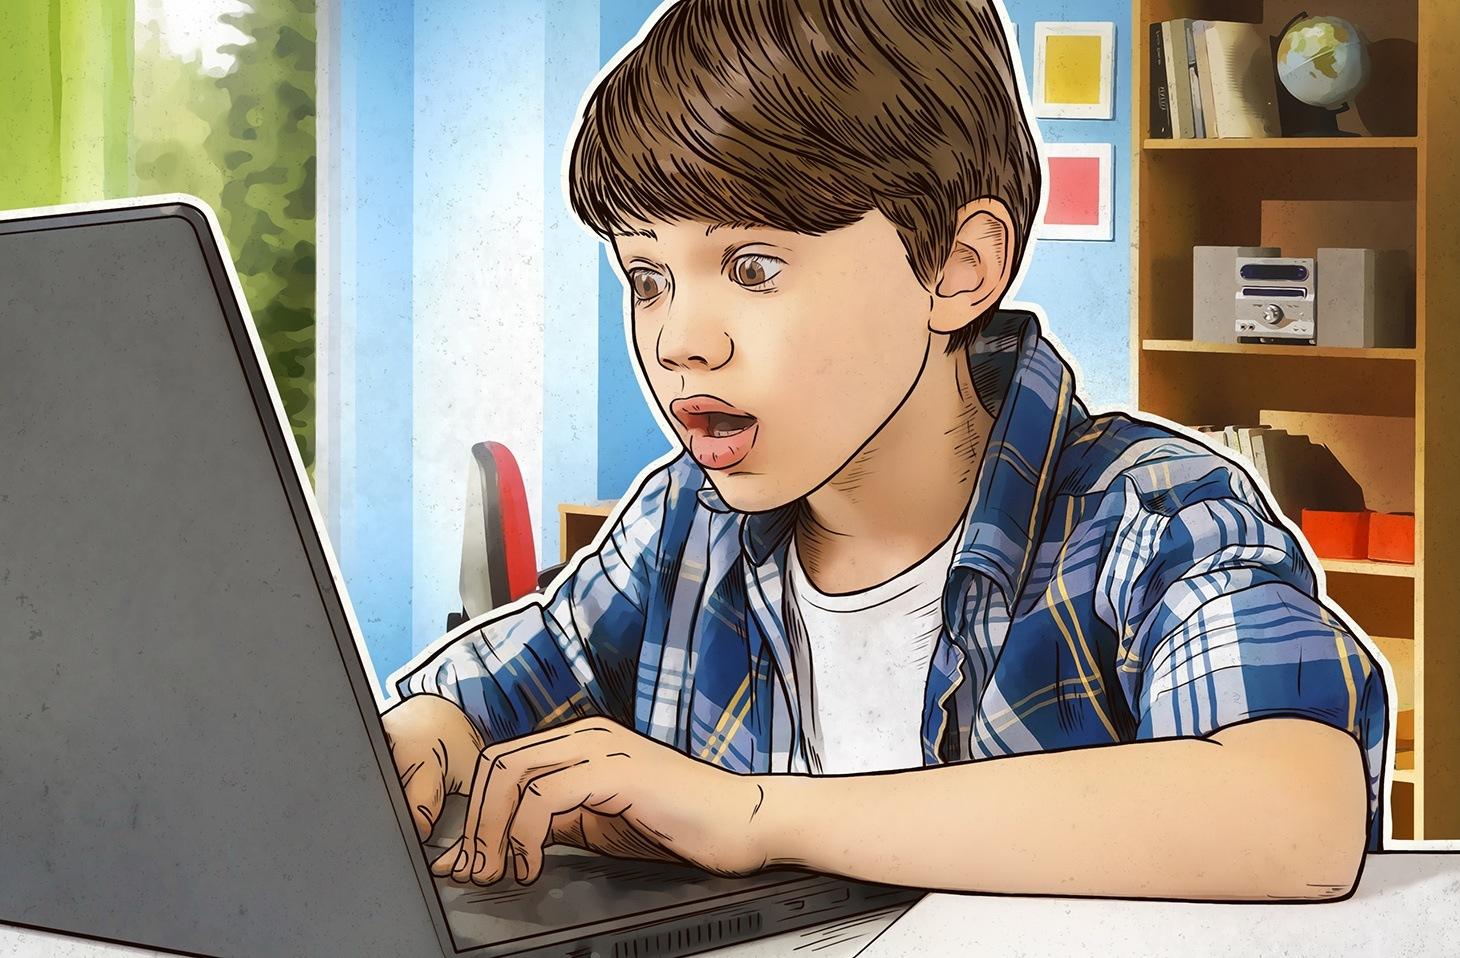 طرح جداسازی اینترنت کودکان از اینترنت عمومی در کشور